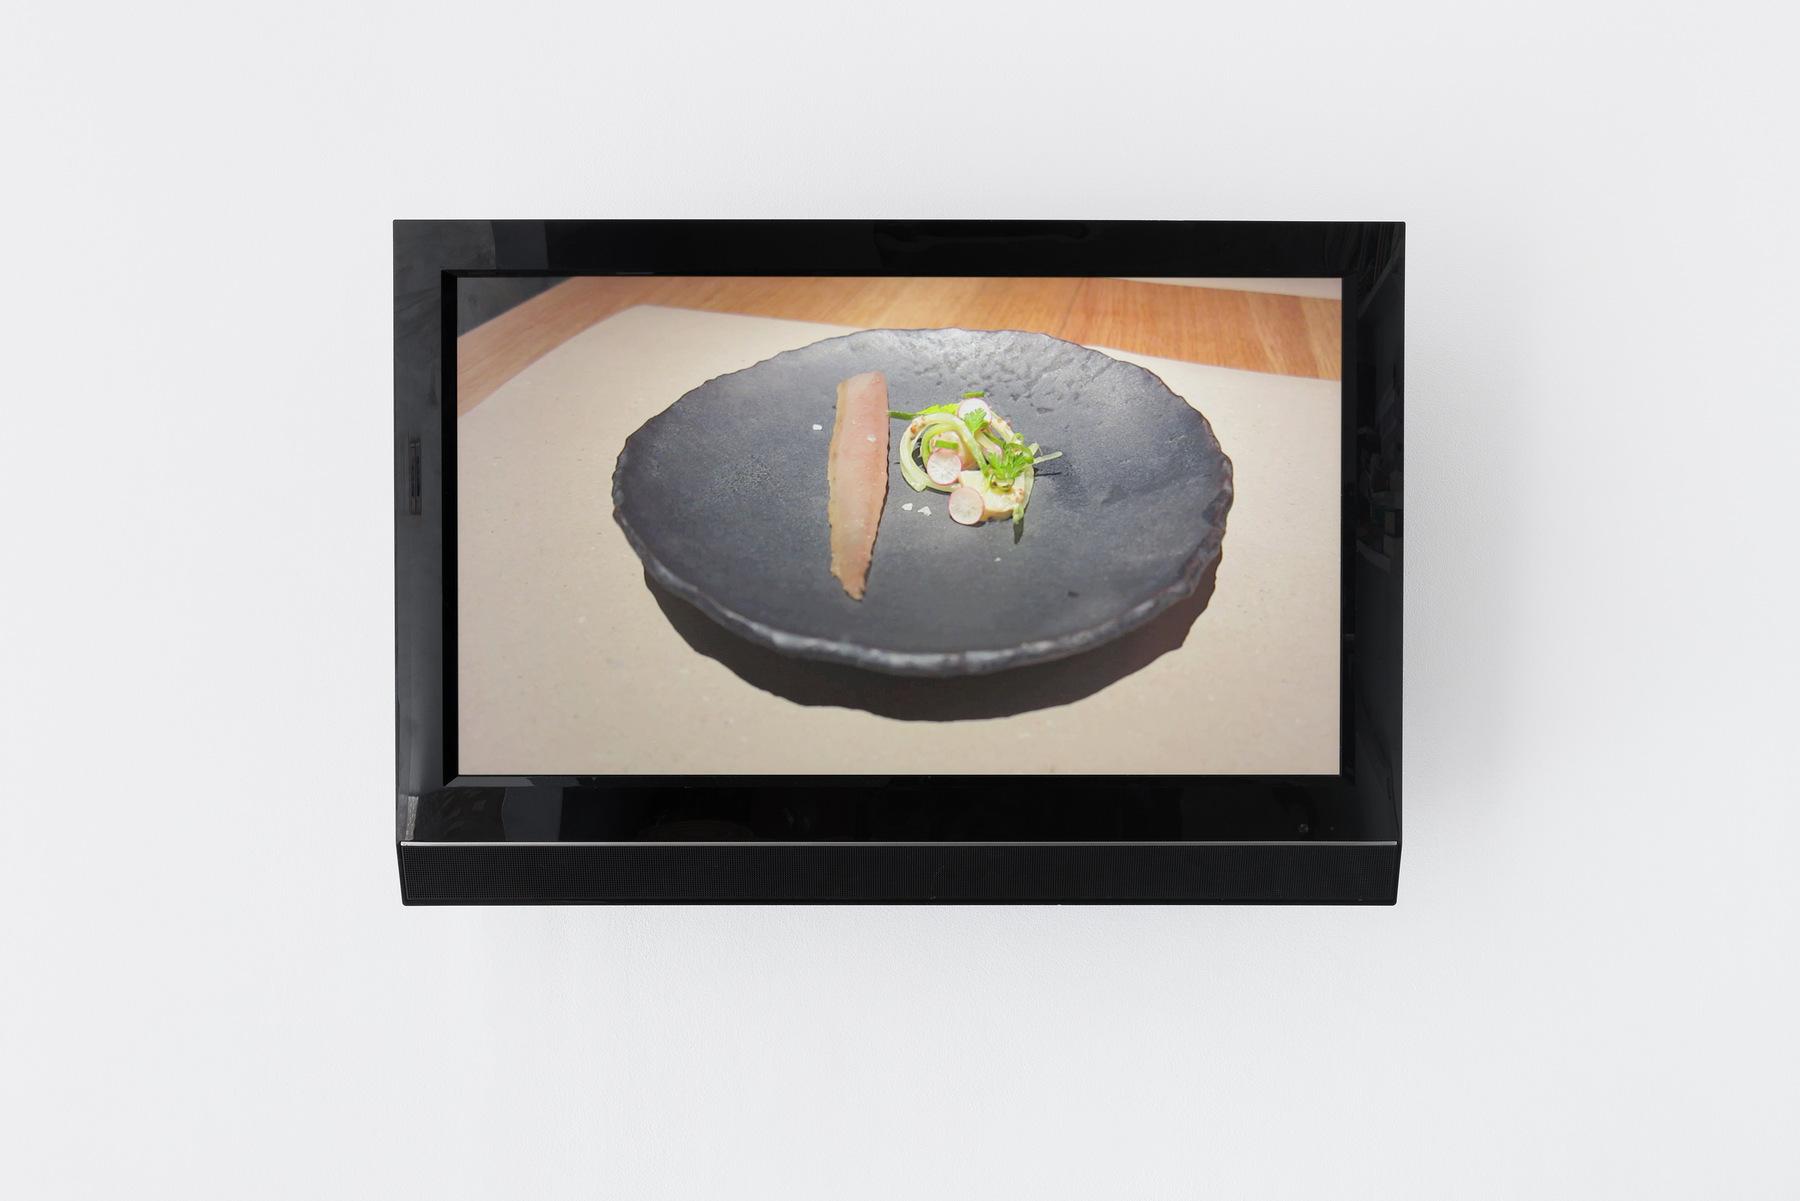 18 - Ratatouille Shanaynay-0469_hr_4000px - Credit Alexander Nussbaumer